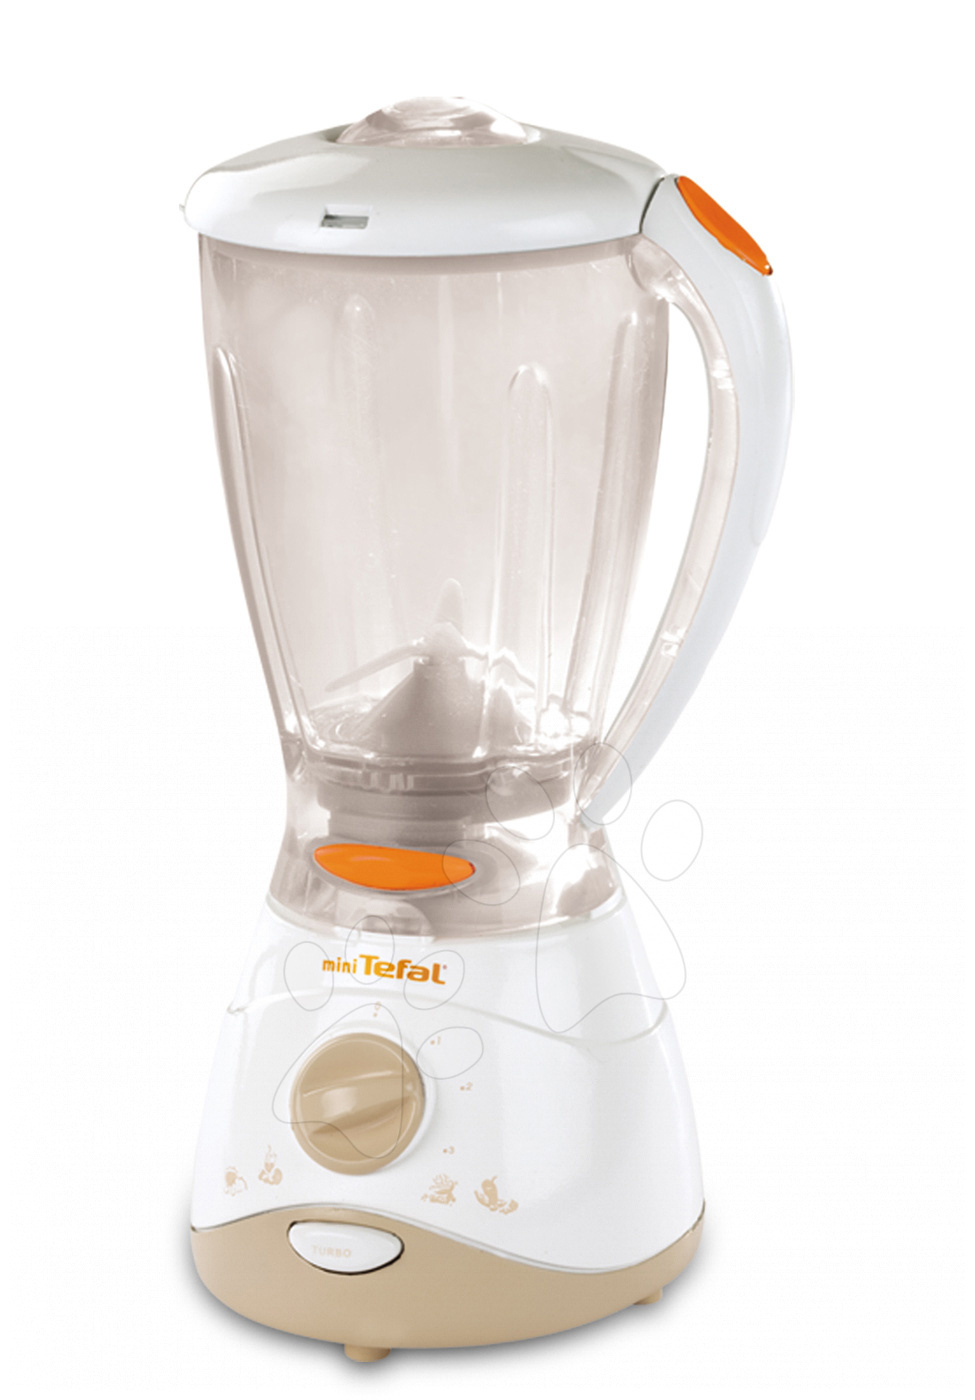 Spotřebiče do kuchyňky - Mixér Mini Tefal Blender Express Smoby bílý